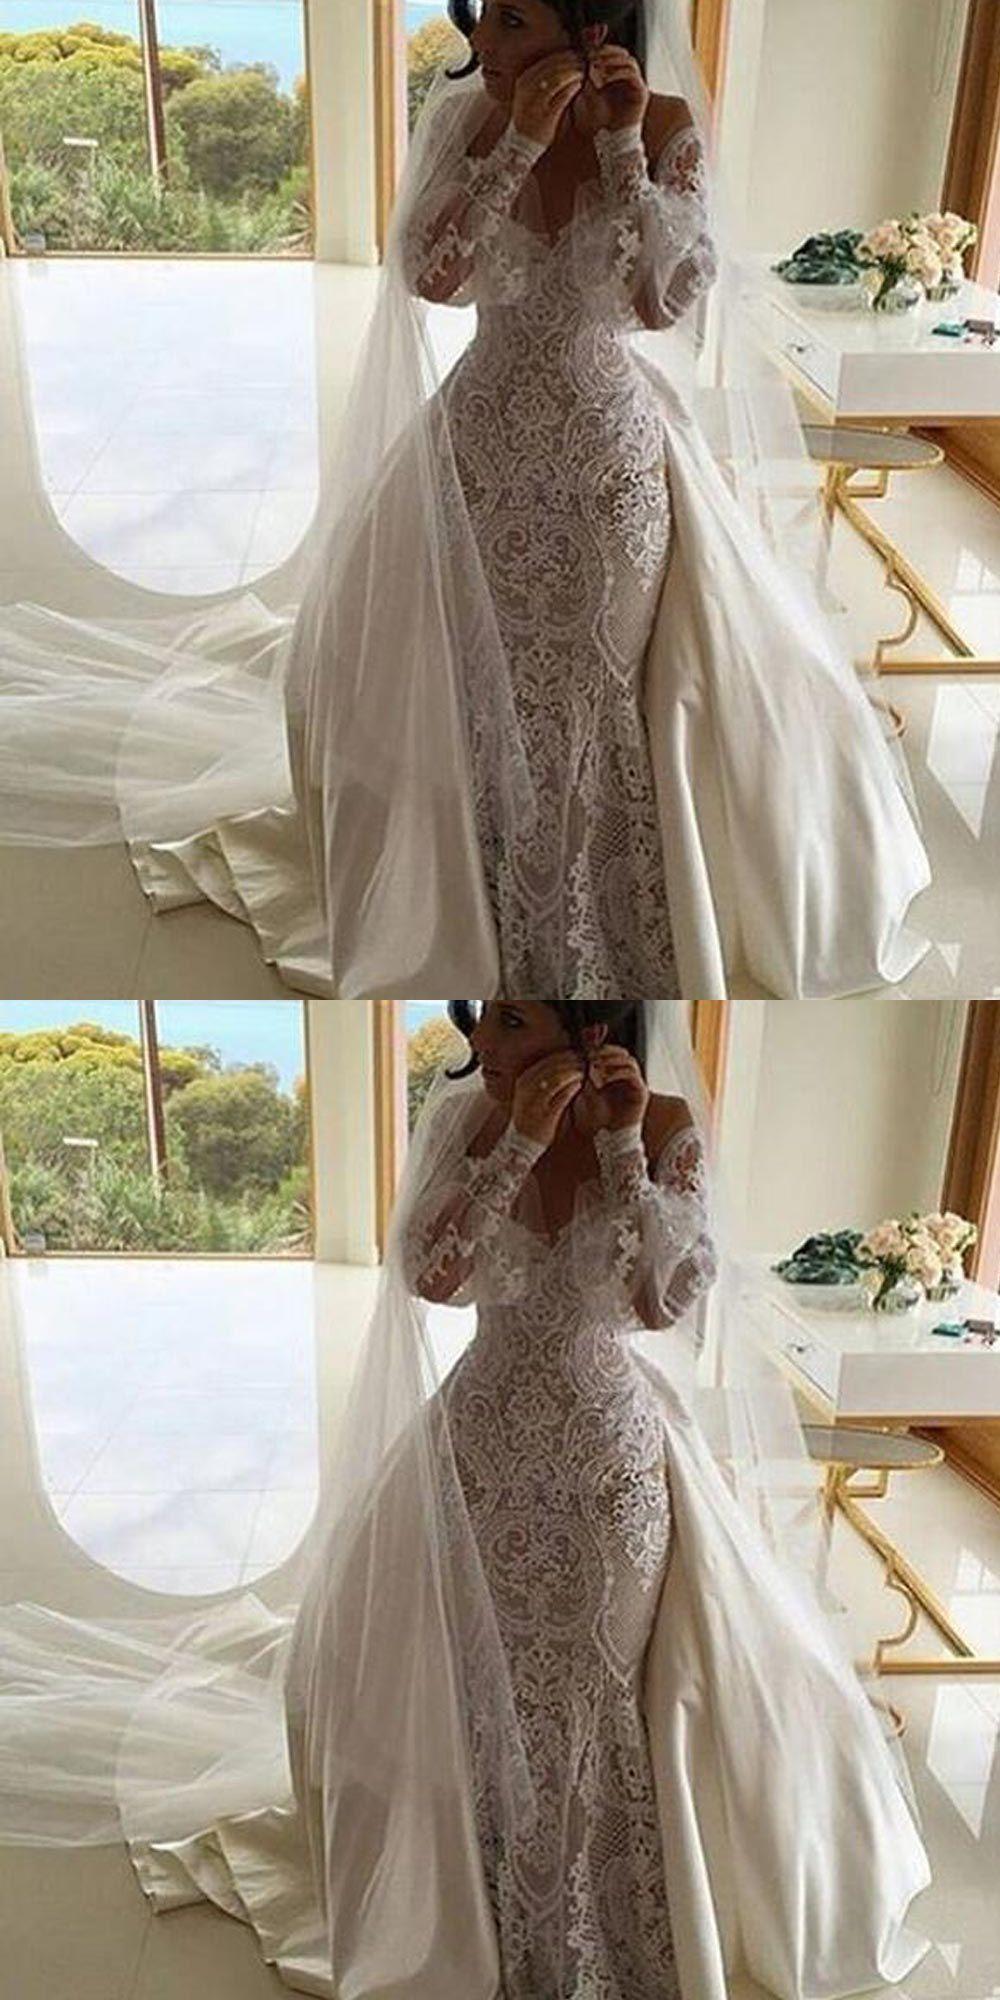 Long sleeve lace wedding dress mermaid  Mermaid OfftheShoulder Long Sleeves Lace Wedding Dress with